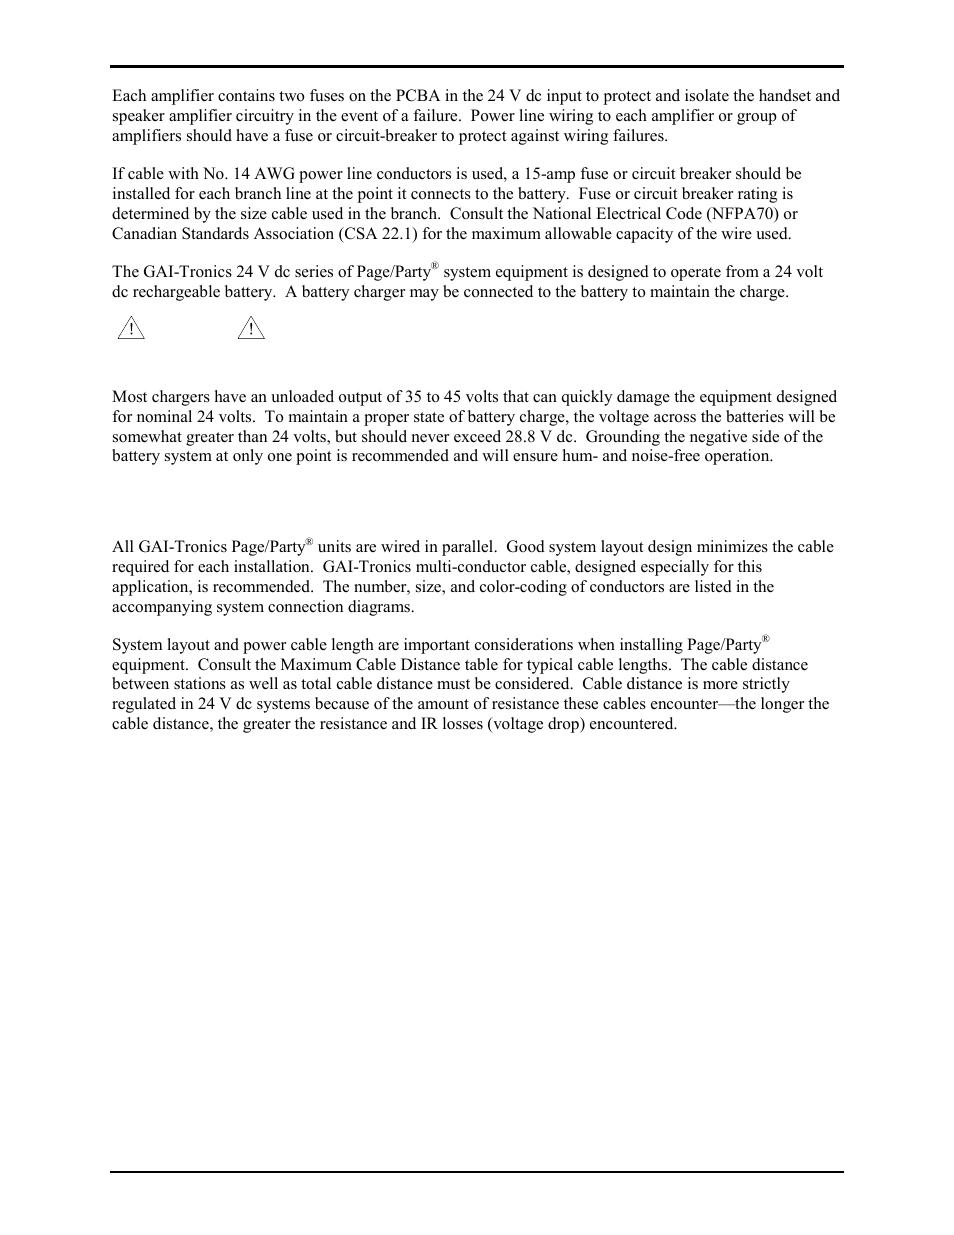 Enclosure Placement Gai Tronics 7245 003 24 V Dc Remote Subset Volt Battery Circuit Diagram Amplifier User Manual Page 2 12